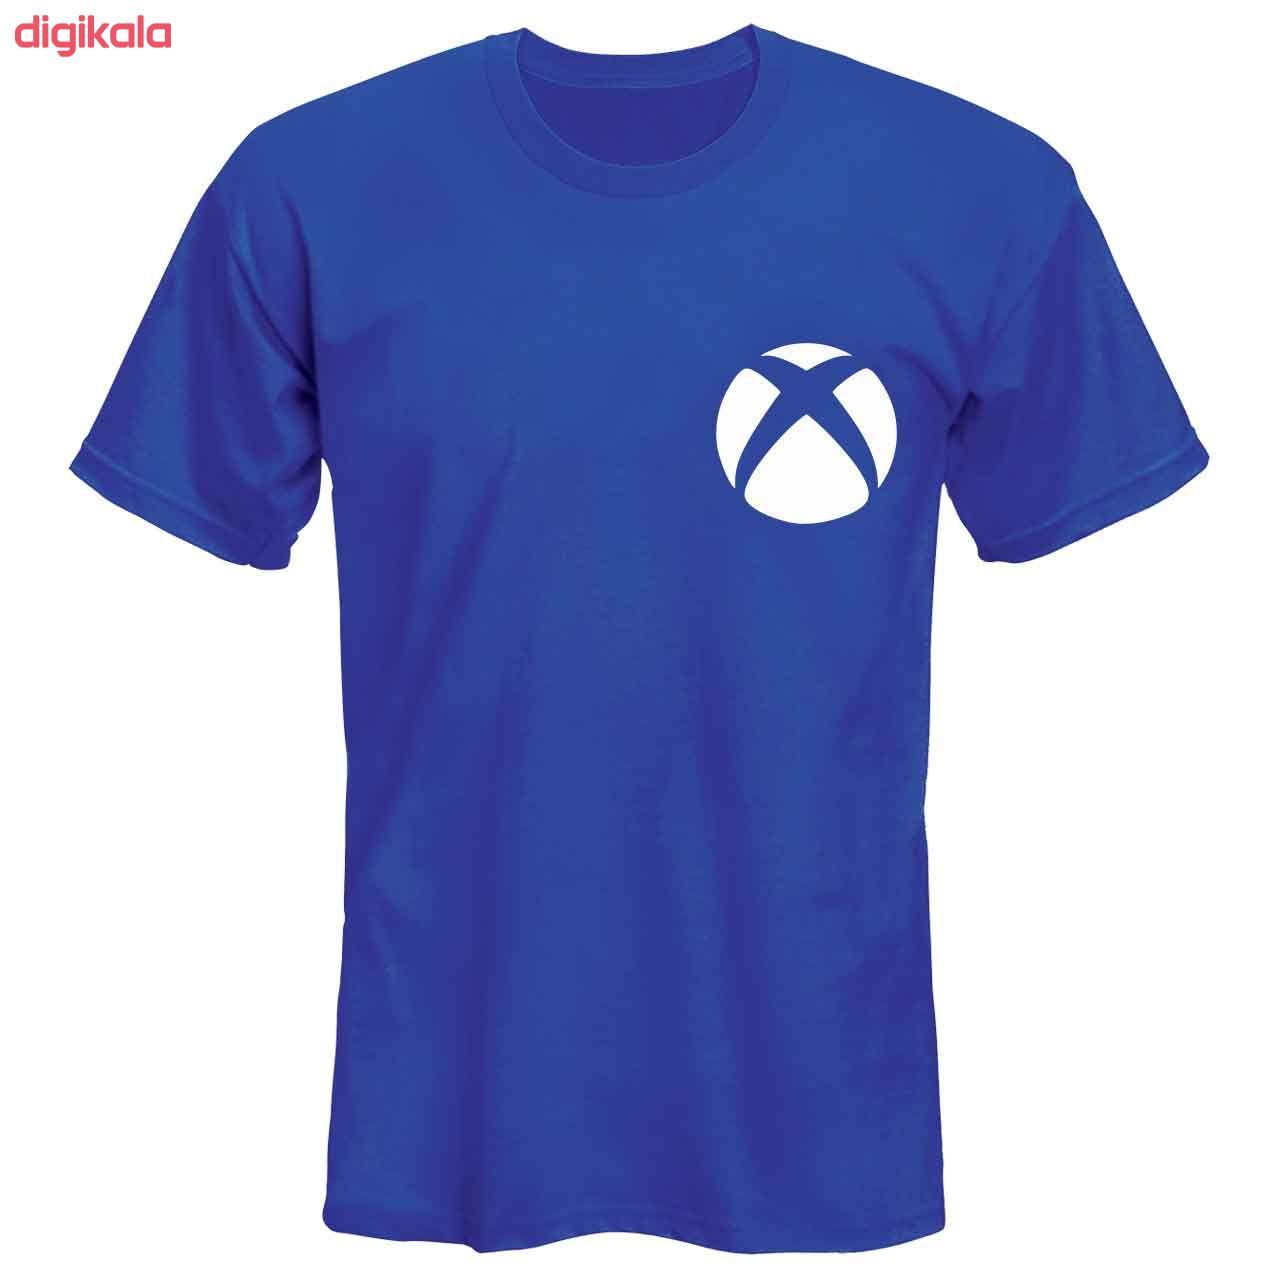 خرید اینترنتی با تخفیف ویژه تی شرت آستین کوتاه زنانه طرح توپ مدل 53075